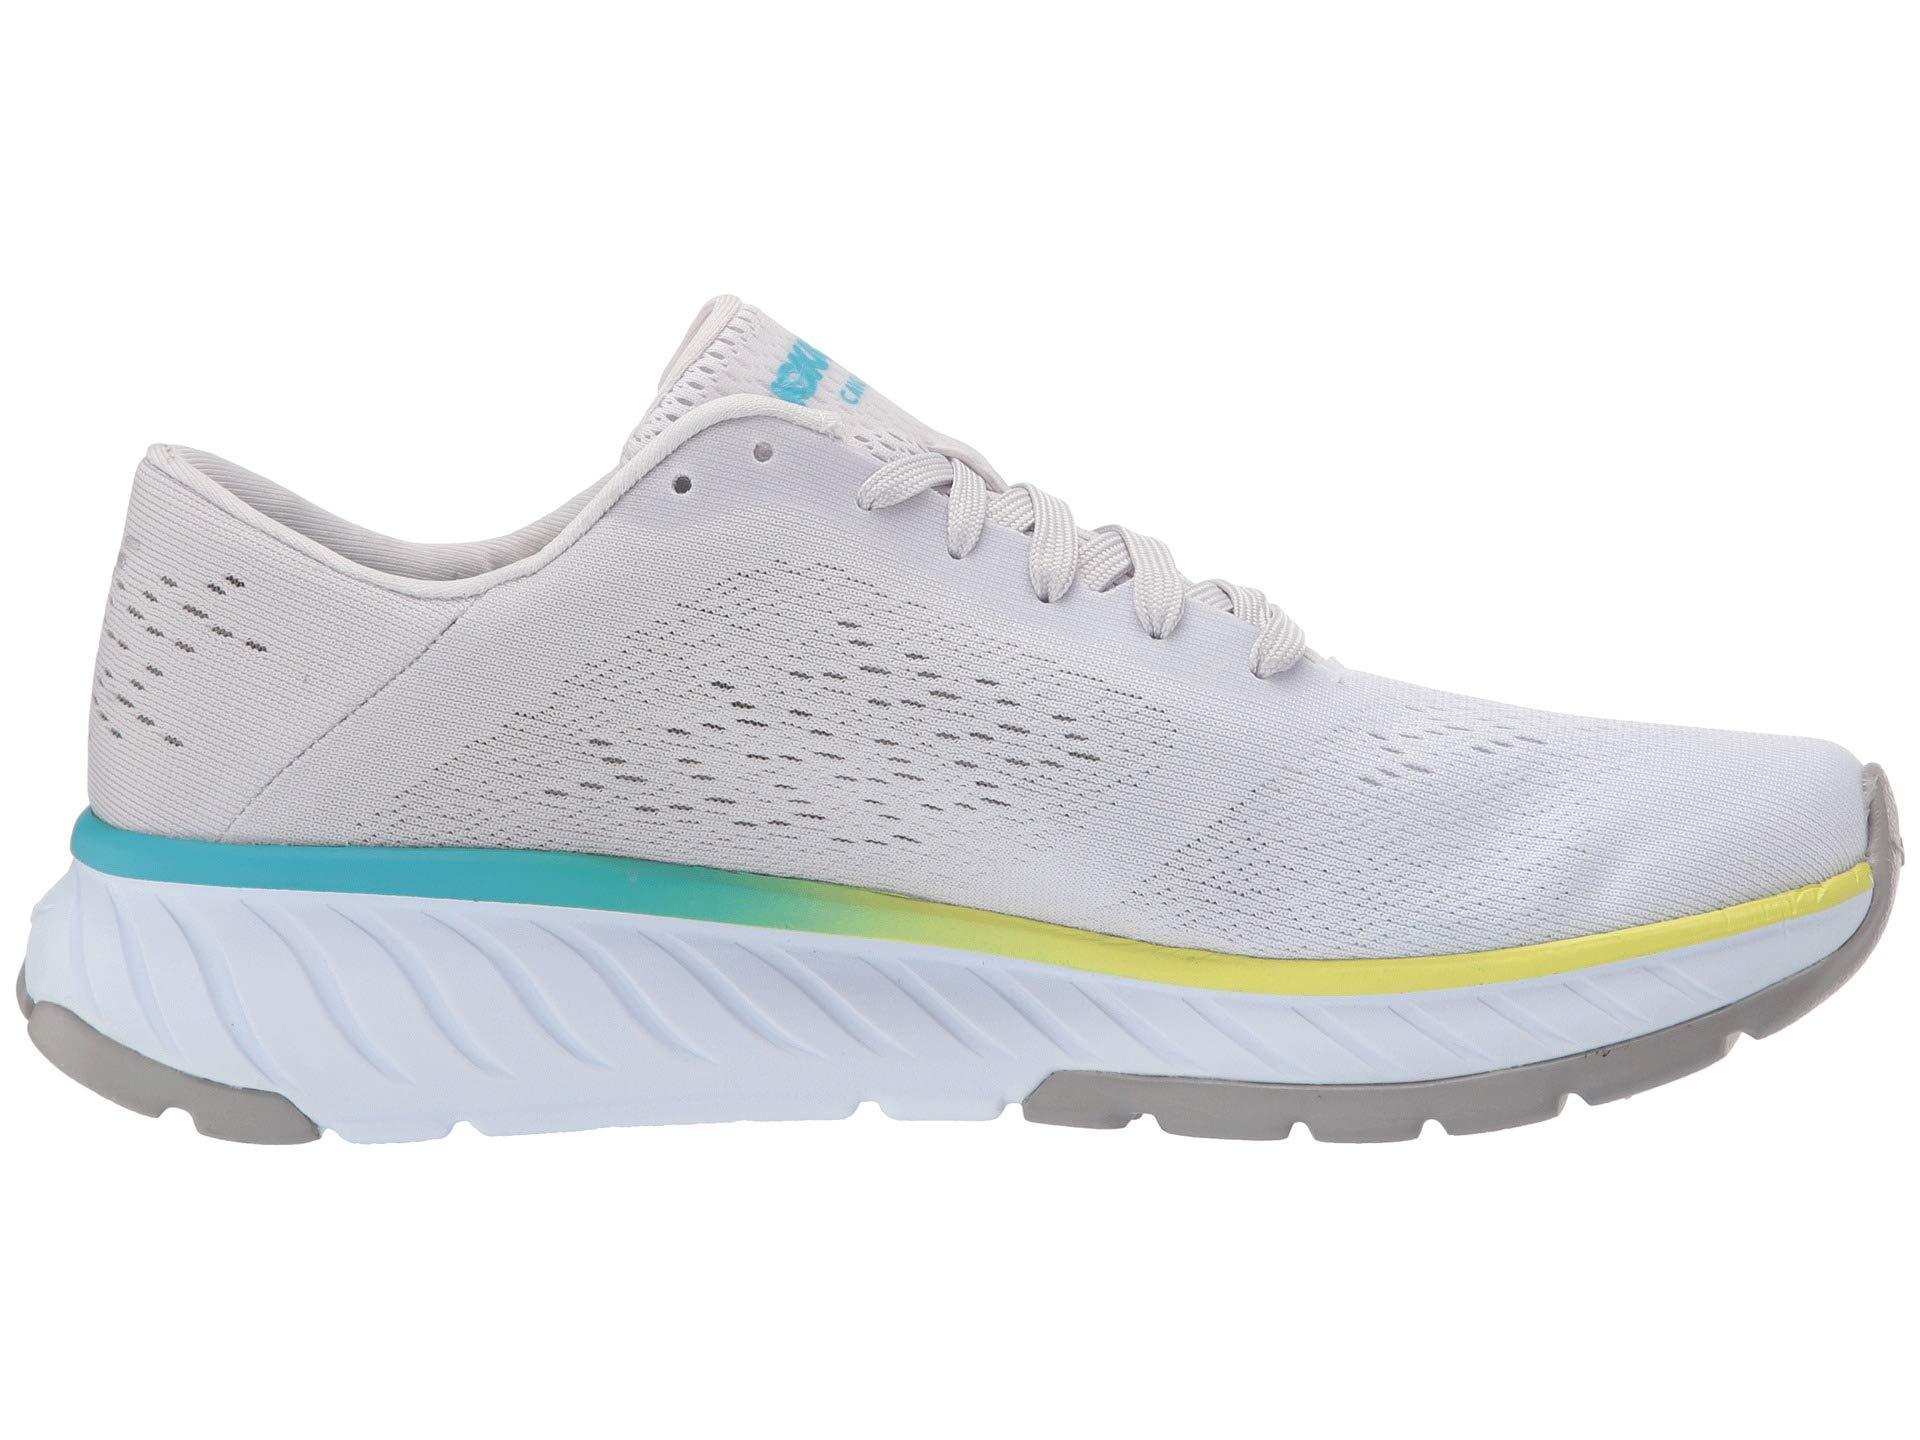 19fcea9b55fe Lightweight Running Shoes